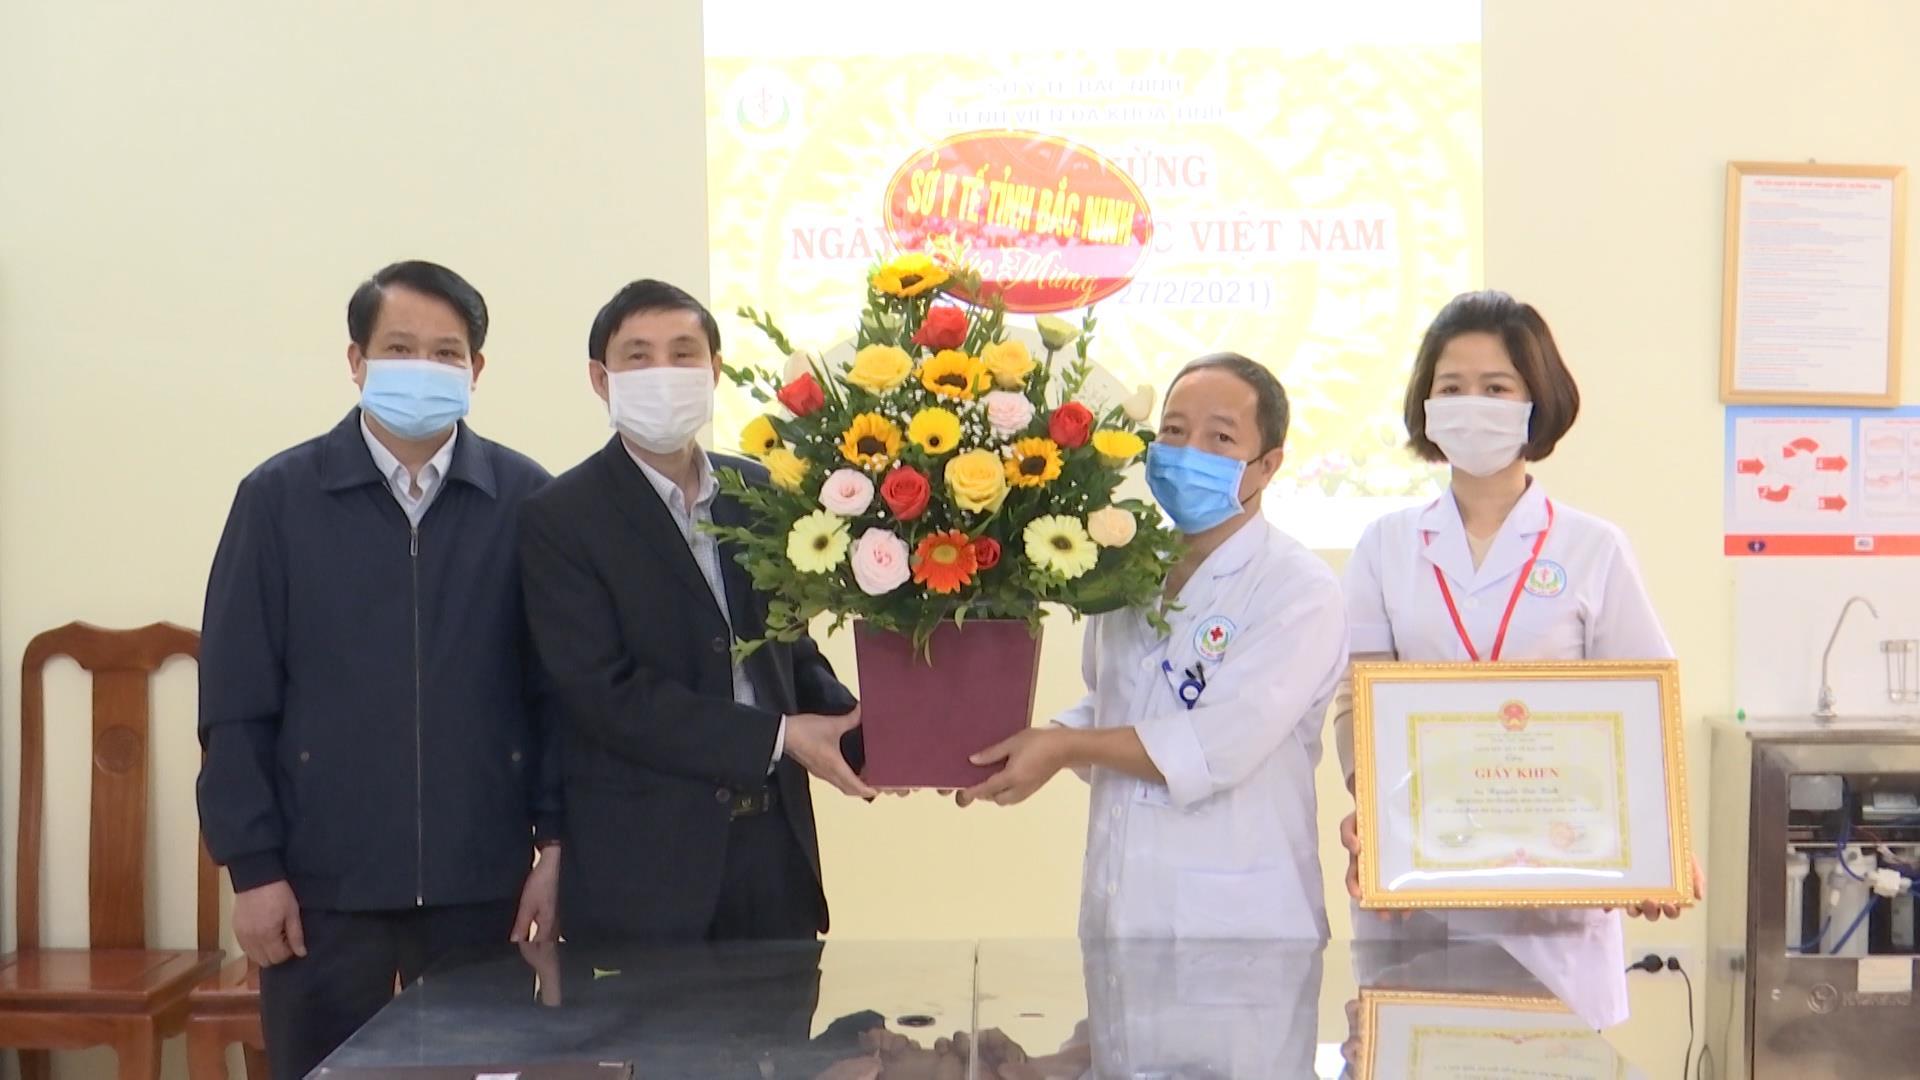 Sở Y tế khen thưởng đột xuất 6 viên chức Khoa Truyền nhiễm,  Bệnh viện Đa khoa Bắc Ninh